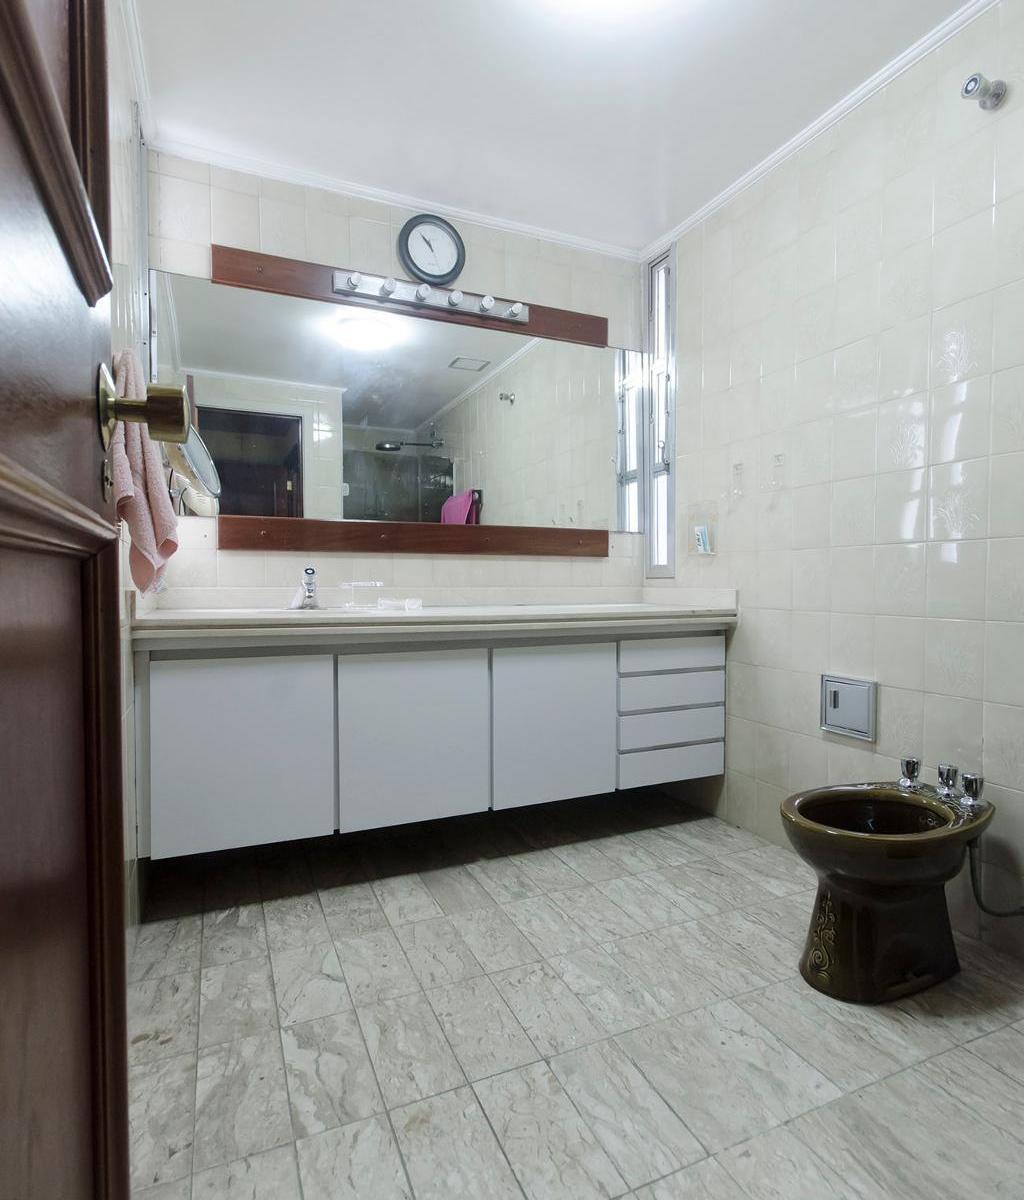 Apartamento para aluguel com 2 Quartos Jardim Paulista São Paulo  #2D2622 1024x1200 Banheiro Container Aluguel